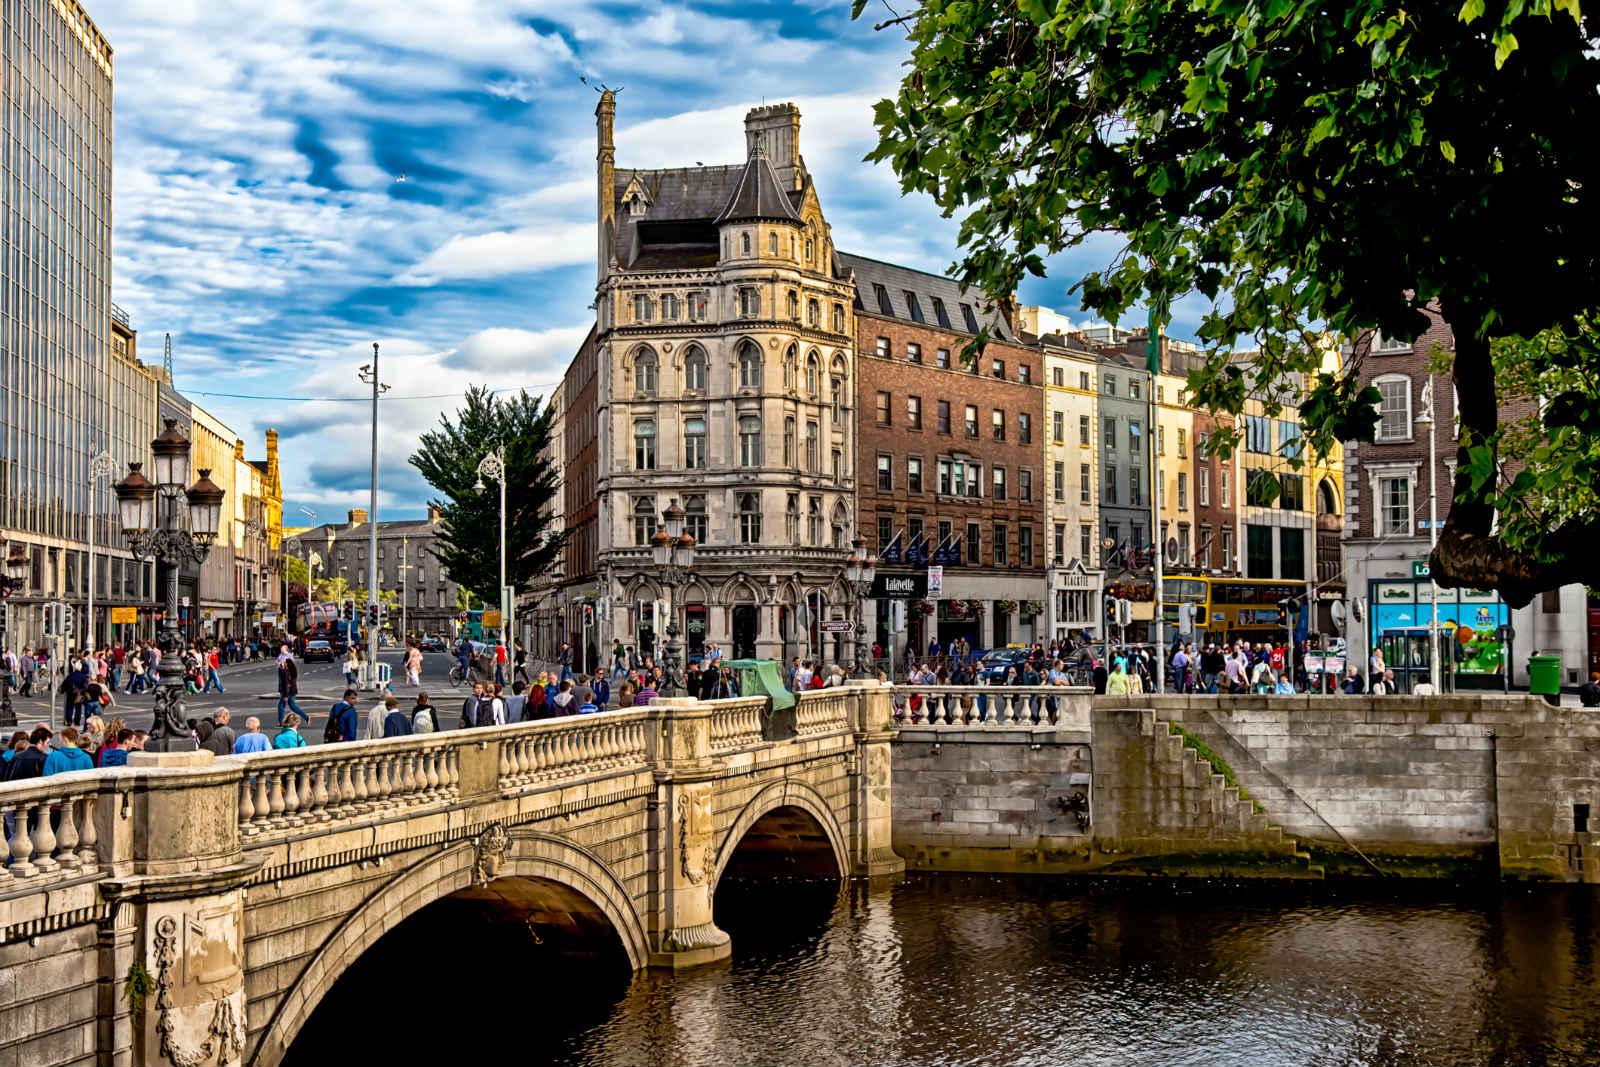 đầu tư định cư Ireland, định cư Châu Âu